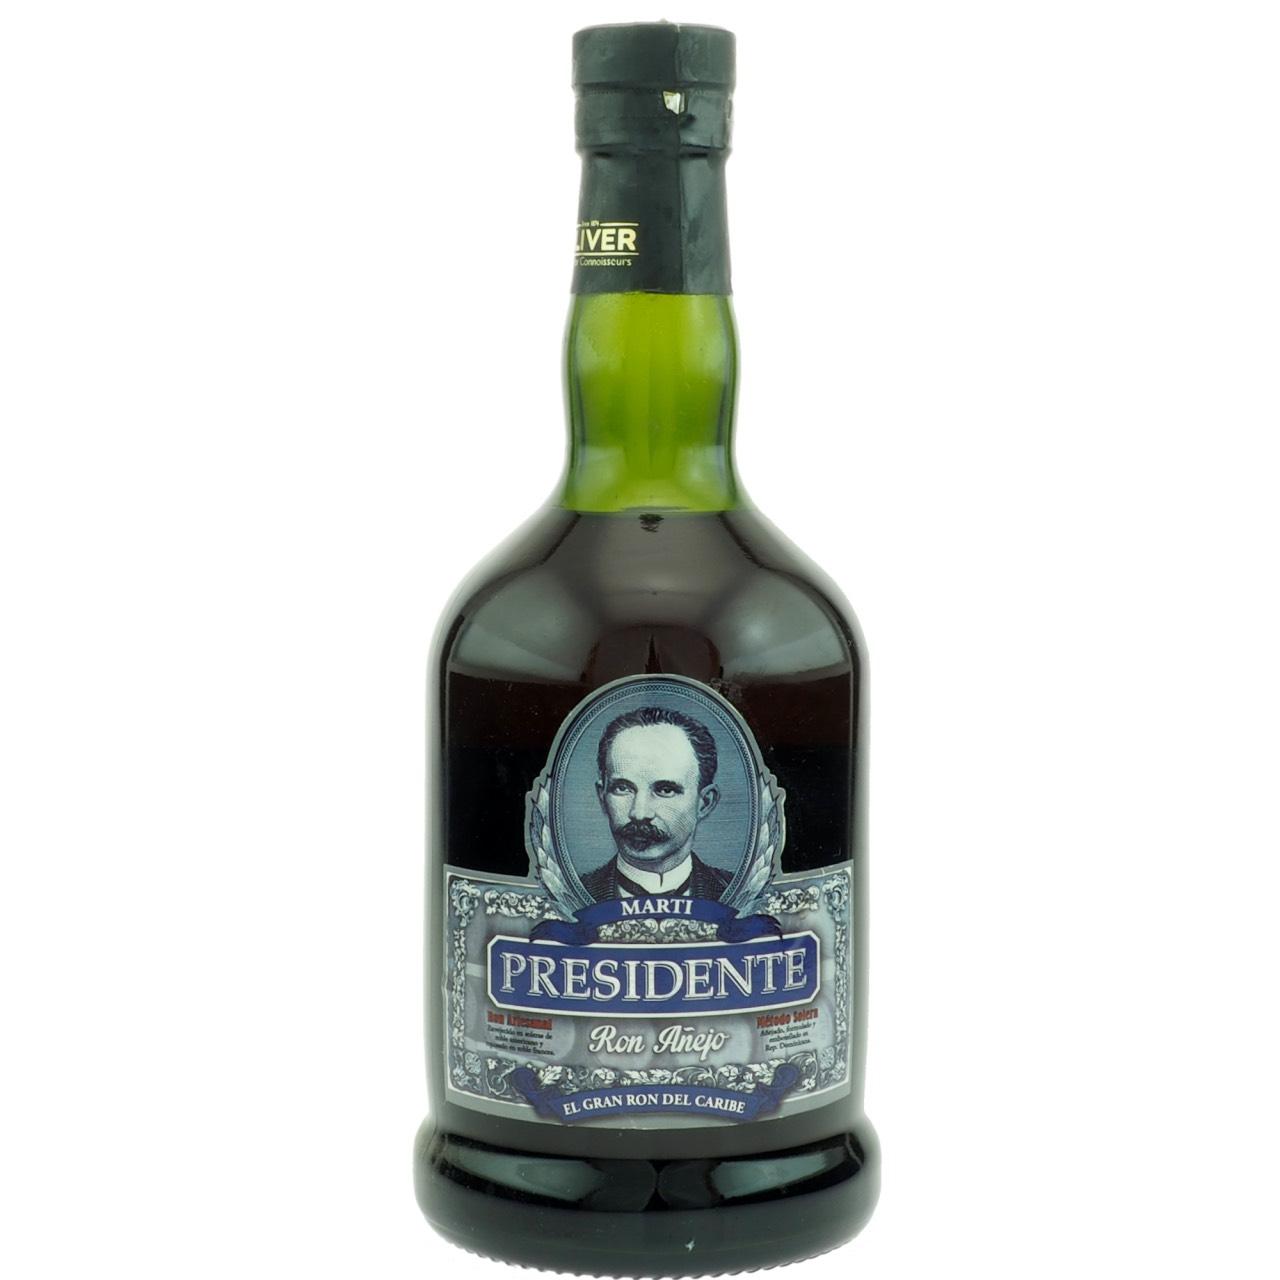 Bottle image of Presidente Marti Gran Añejo Solera Presidente